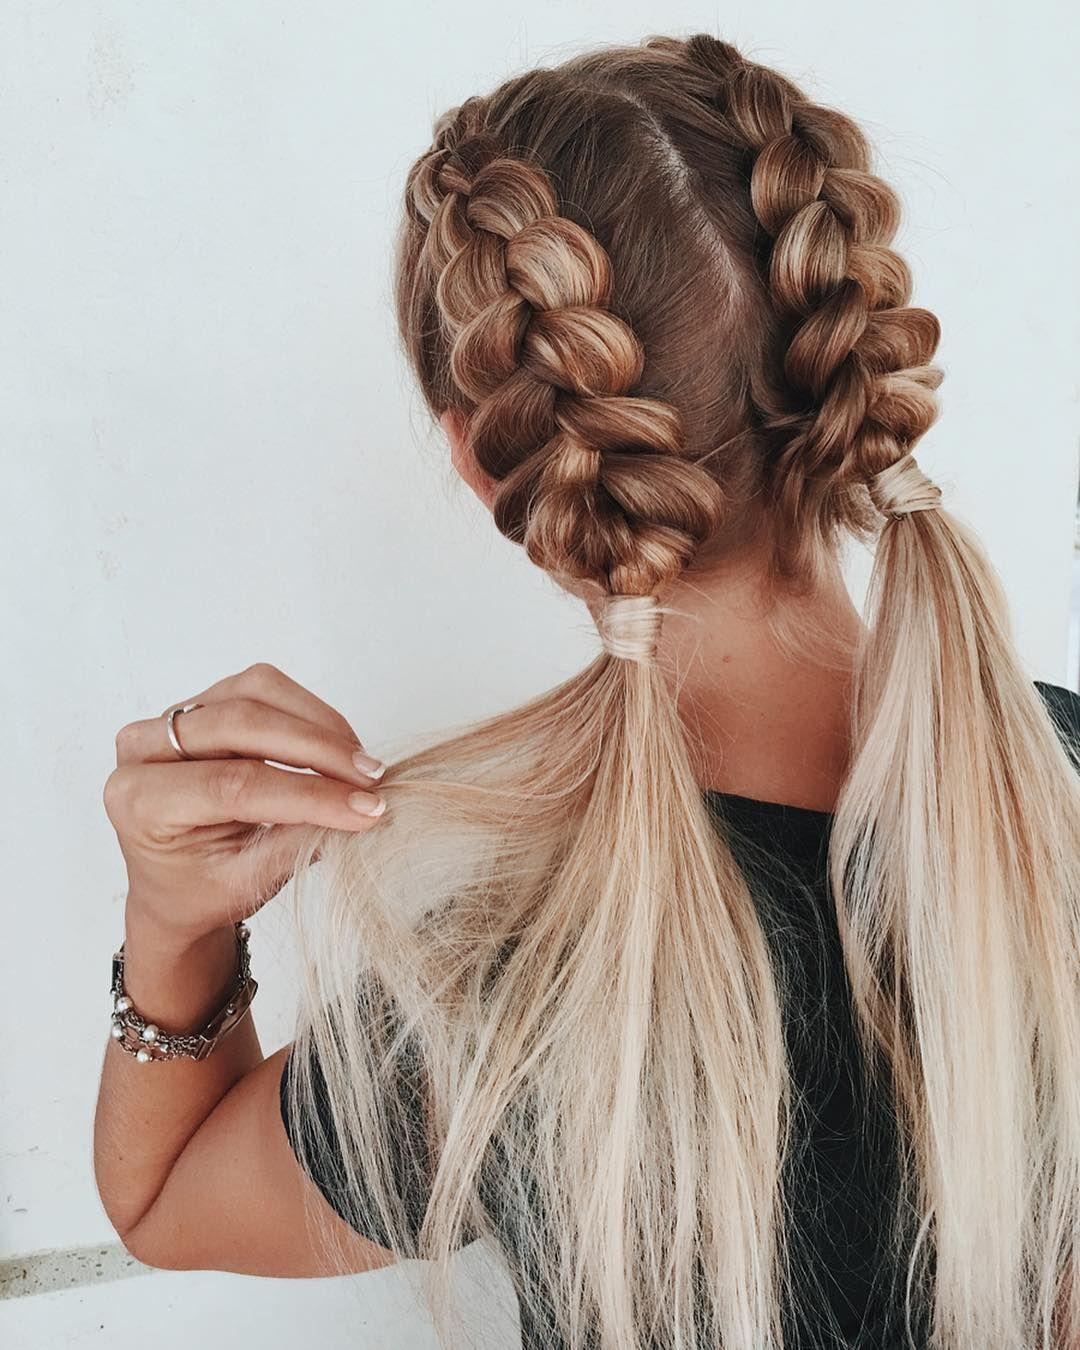 Braids , braid hairstyle #hair #braids